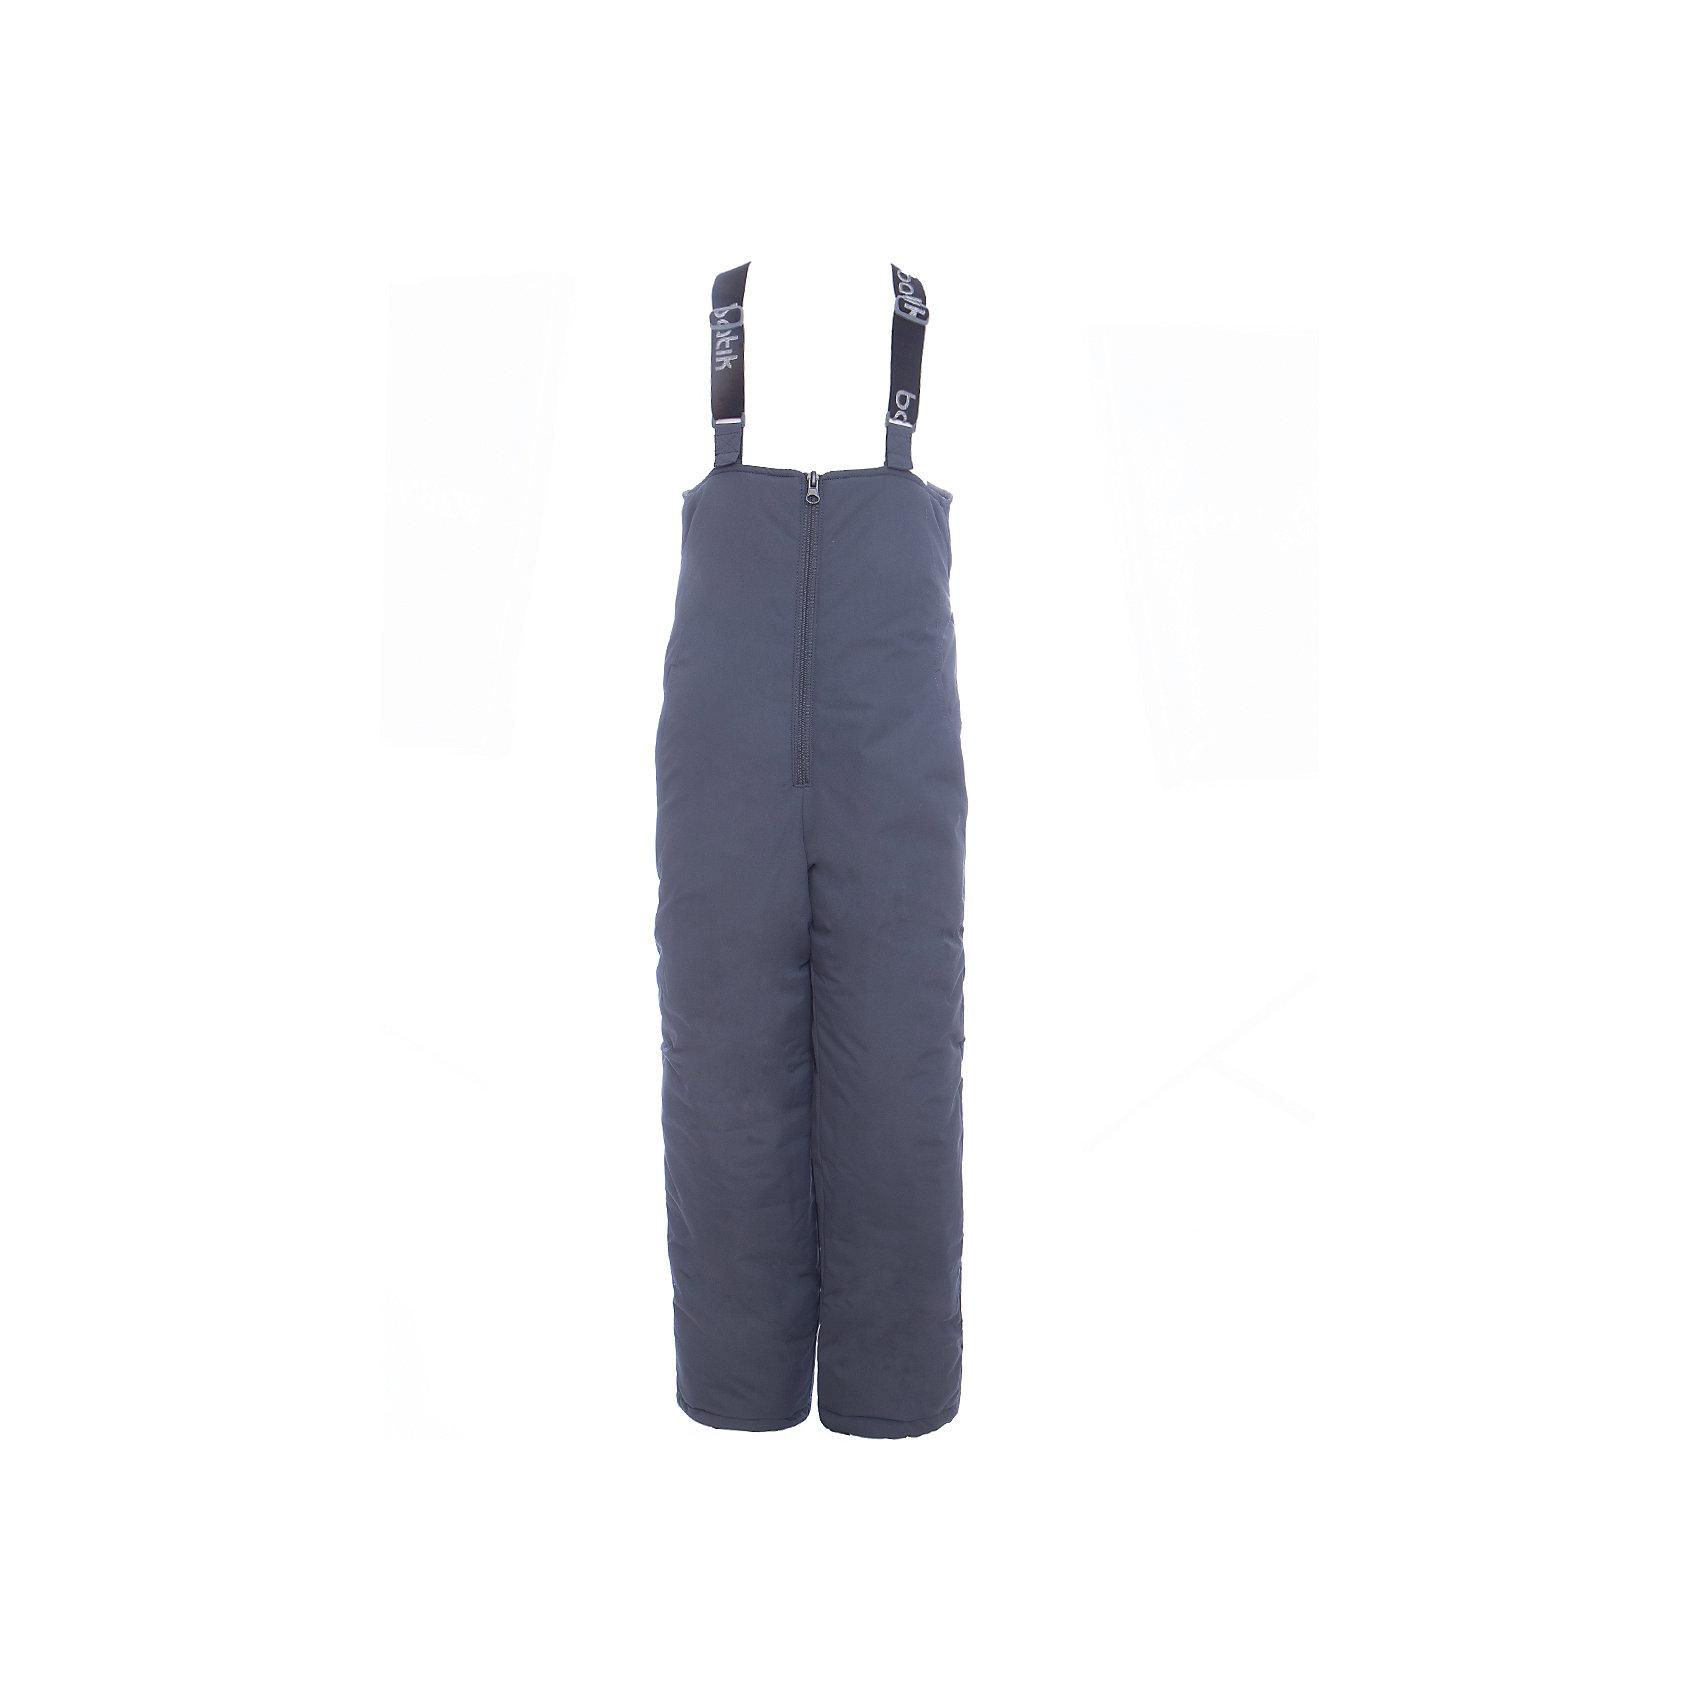 Полукомбинезон Робин Batik для мальчикаВерхняя одежда<br>Характеристики товара:<br><br>• цвет: графит<br>• состав ткани: таслан<br>• подкладка: поларфлис<br>• утеплитель: слайтекс<br>• сезон: зима<br>• мембранное покрытие<br>• температурный режим: от -35 до 0<br>• водонепроницаемость: 5000 мм <br>• паропроницаемость: 5000 г/м2<br>• плотность утеплителя: 150 г/м2<br>• застежка: молния<br>• лямки регулируются<br>• страна бренда: Россия<br>• страна изготовитель: Россия<br><br>Теплый полукомбинезон для ребенка отличается стильным дизайном, разработанным специально для детей. Этот детский полукомбинезон дополнен регулирующимися лямками. Зимний мембранный полукомбинезон для мальчика легко чистится и долго служит. Детский полукомбинезон сделан легкого, качественного и теплого материала. <br><br>Полукомбинезон Робин Batik (Батик) для мальчика можно купить в нашем интернет-магазине.<br><br>Ширина мм: 215<br>Глубина мм: 88<br>Высота мм: 191<br>Вес г: 336<br>Цвет: серый<br>Возраст от месяцев: 108<br>Возраст до месяцев: 120<br>Пол: Мужской<br>Возраст: Детский<br>Размер: 140,98,104,110,116,122,128,134<br>SKU: 7028023